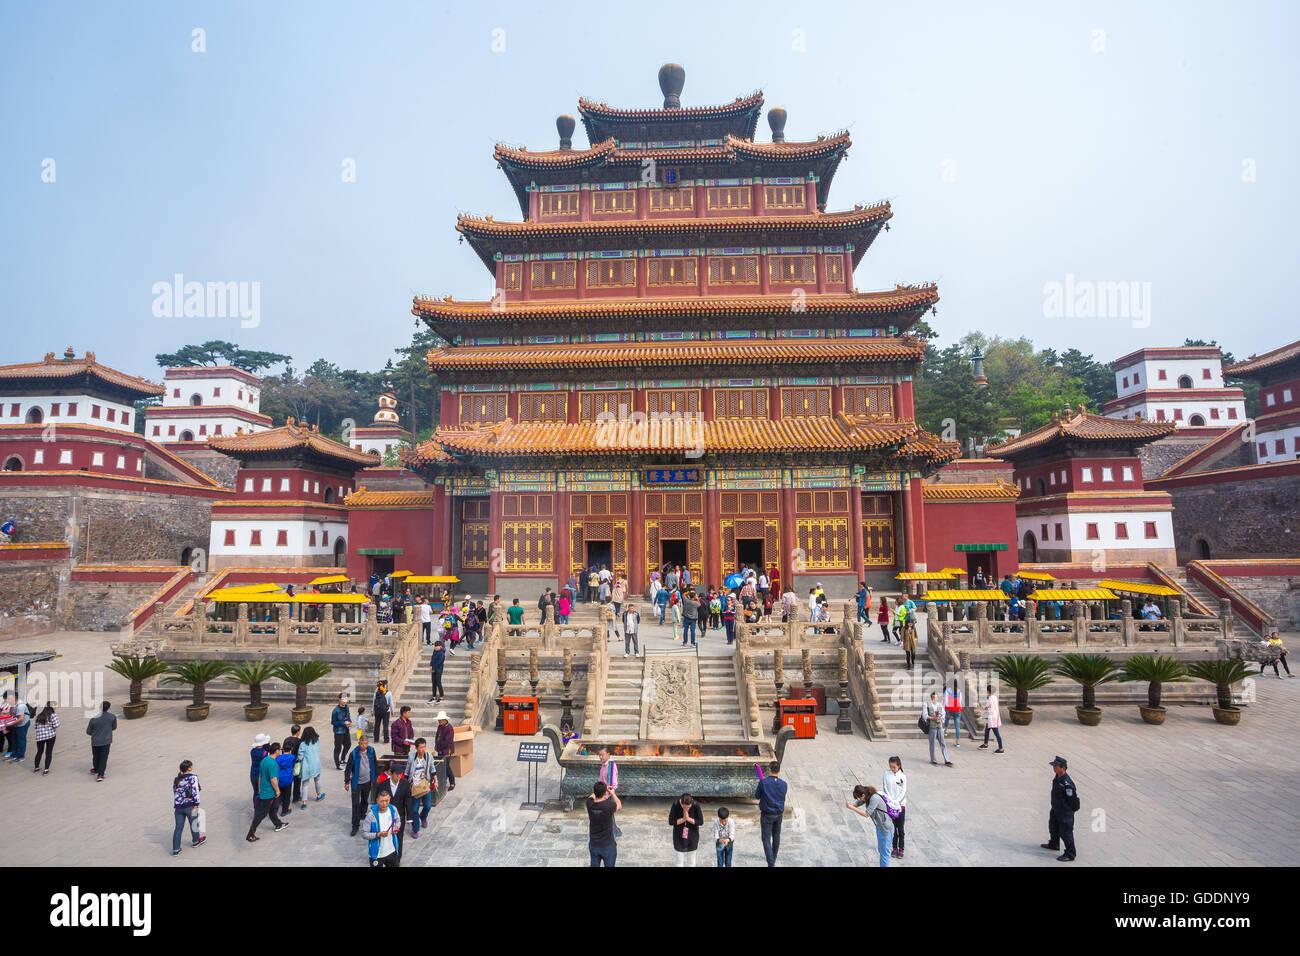 Tempel in China, Stadt Chengde, Wortspiele Stockbild